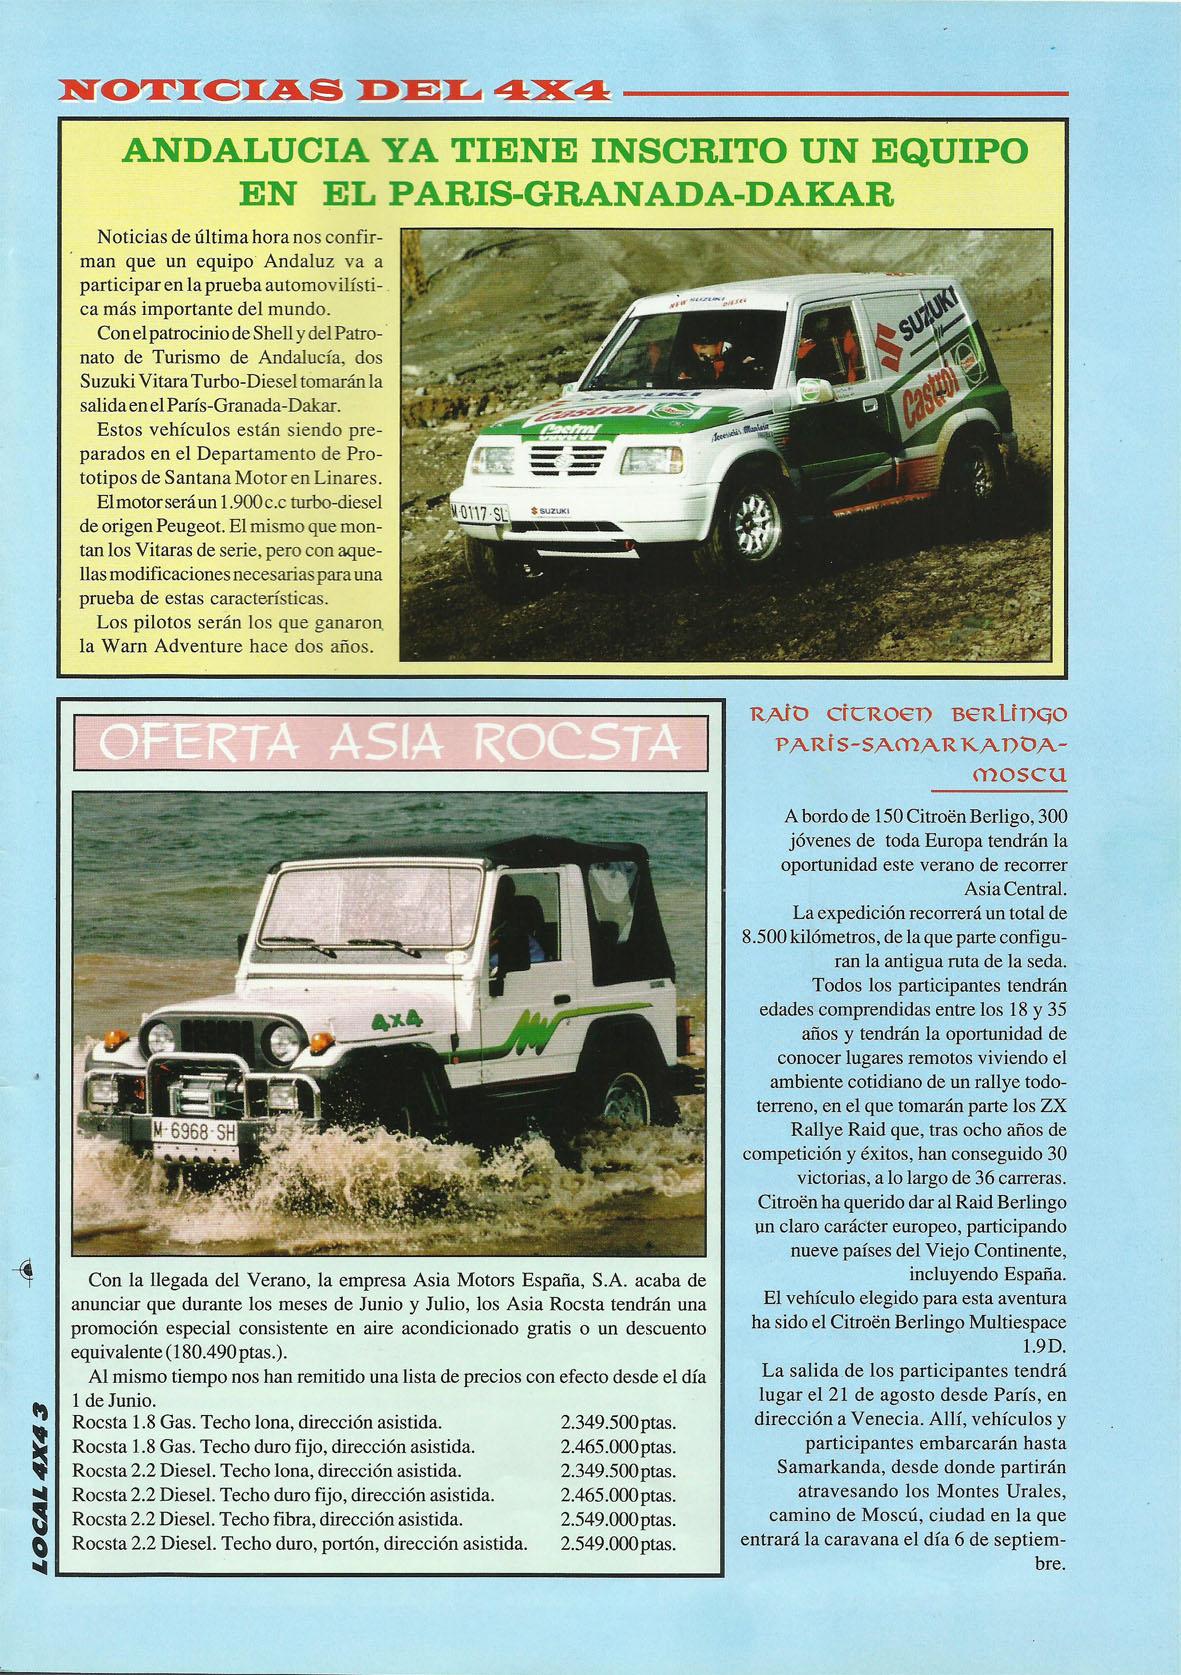 Revista Local 4x4 32 03 Noticias del 4x4